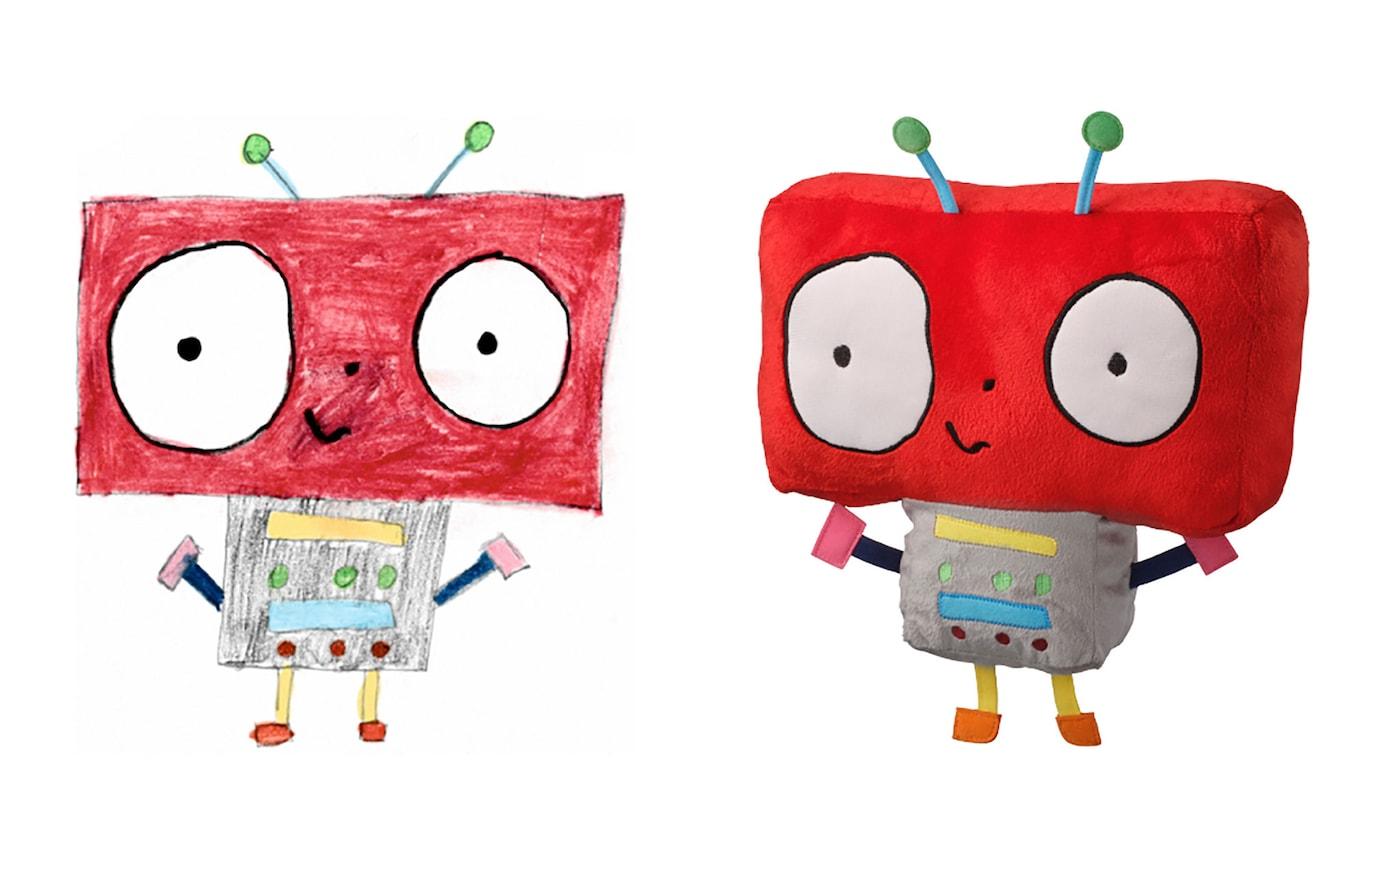 تحول رسم روبوت تخيّلي بجانب صورة لنفس الروبوت إلى دمية طرية.